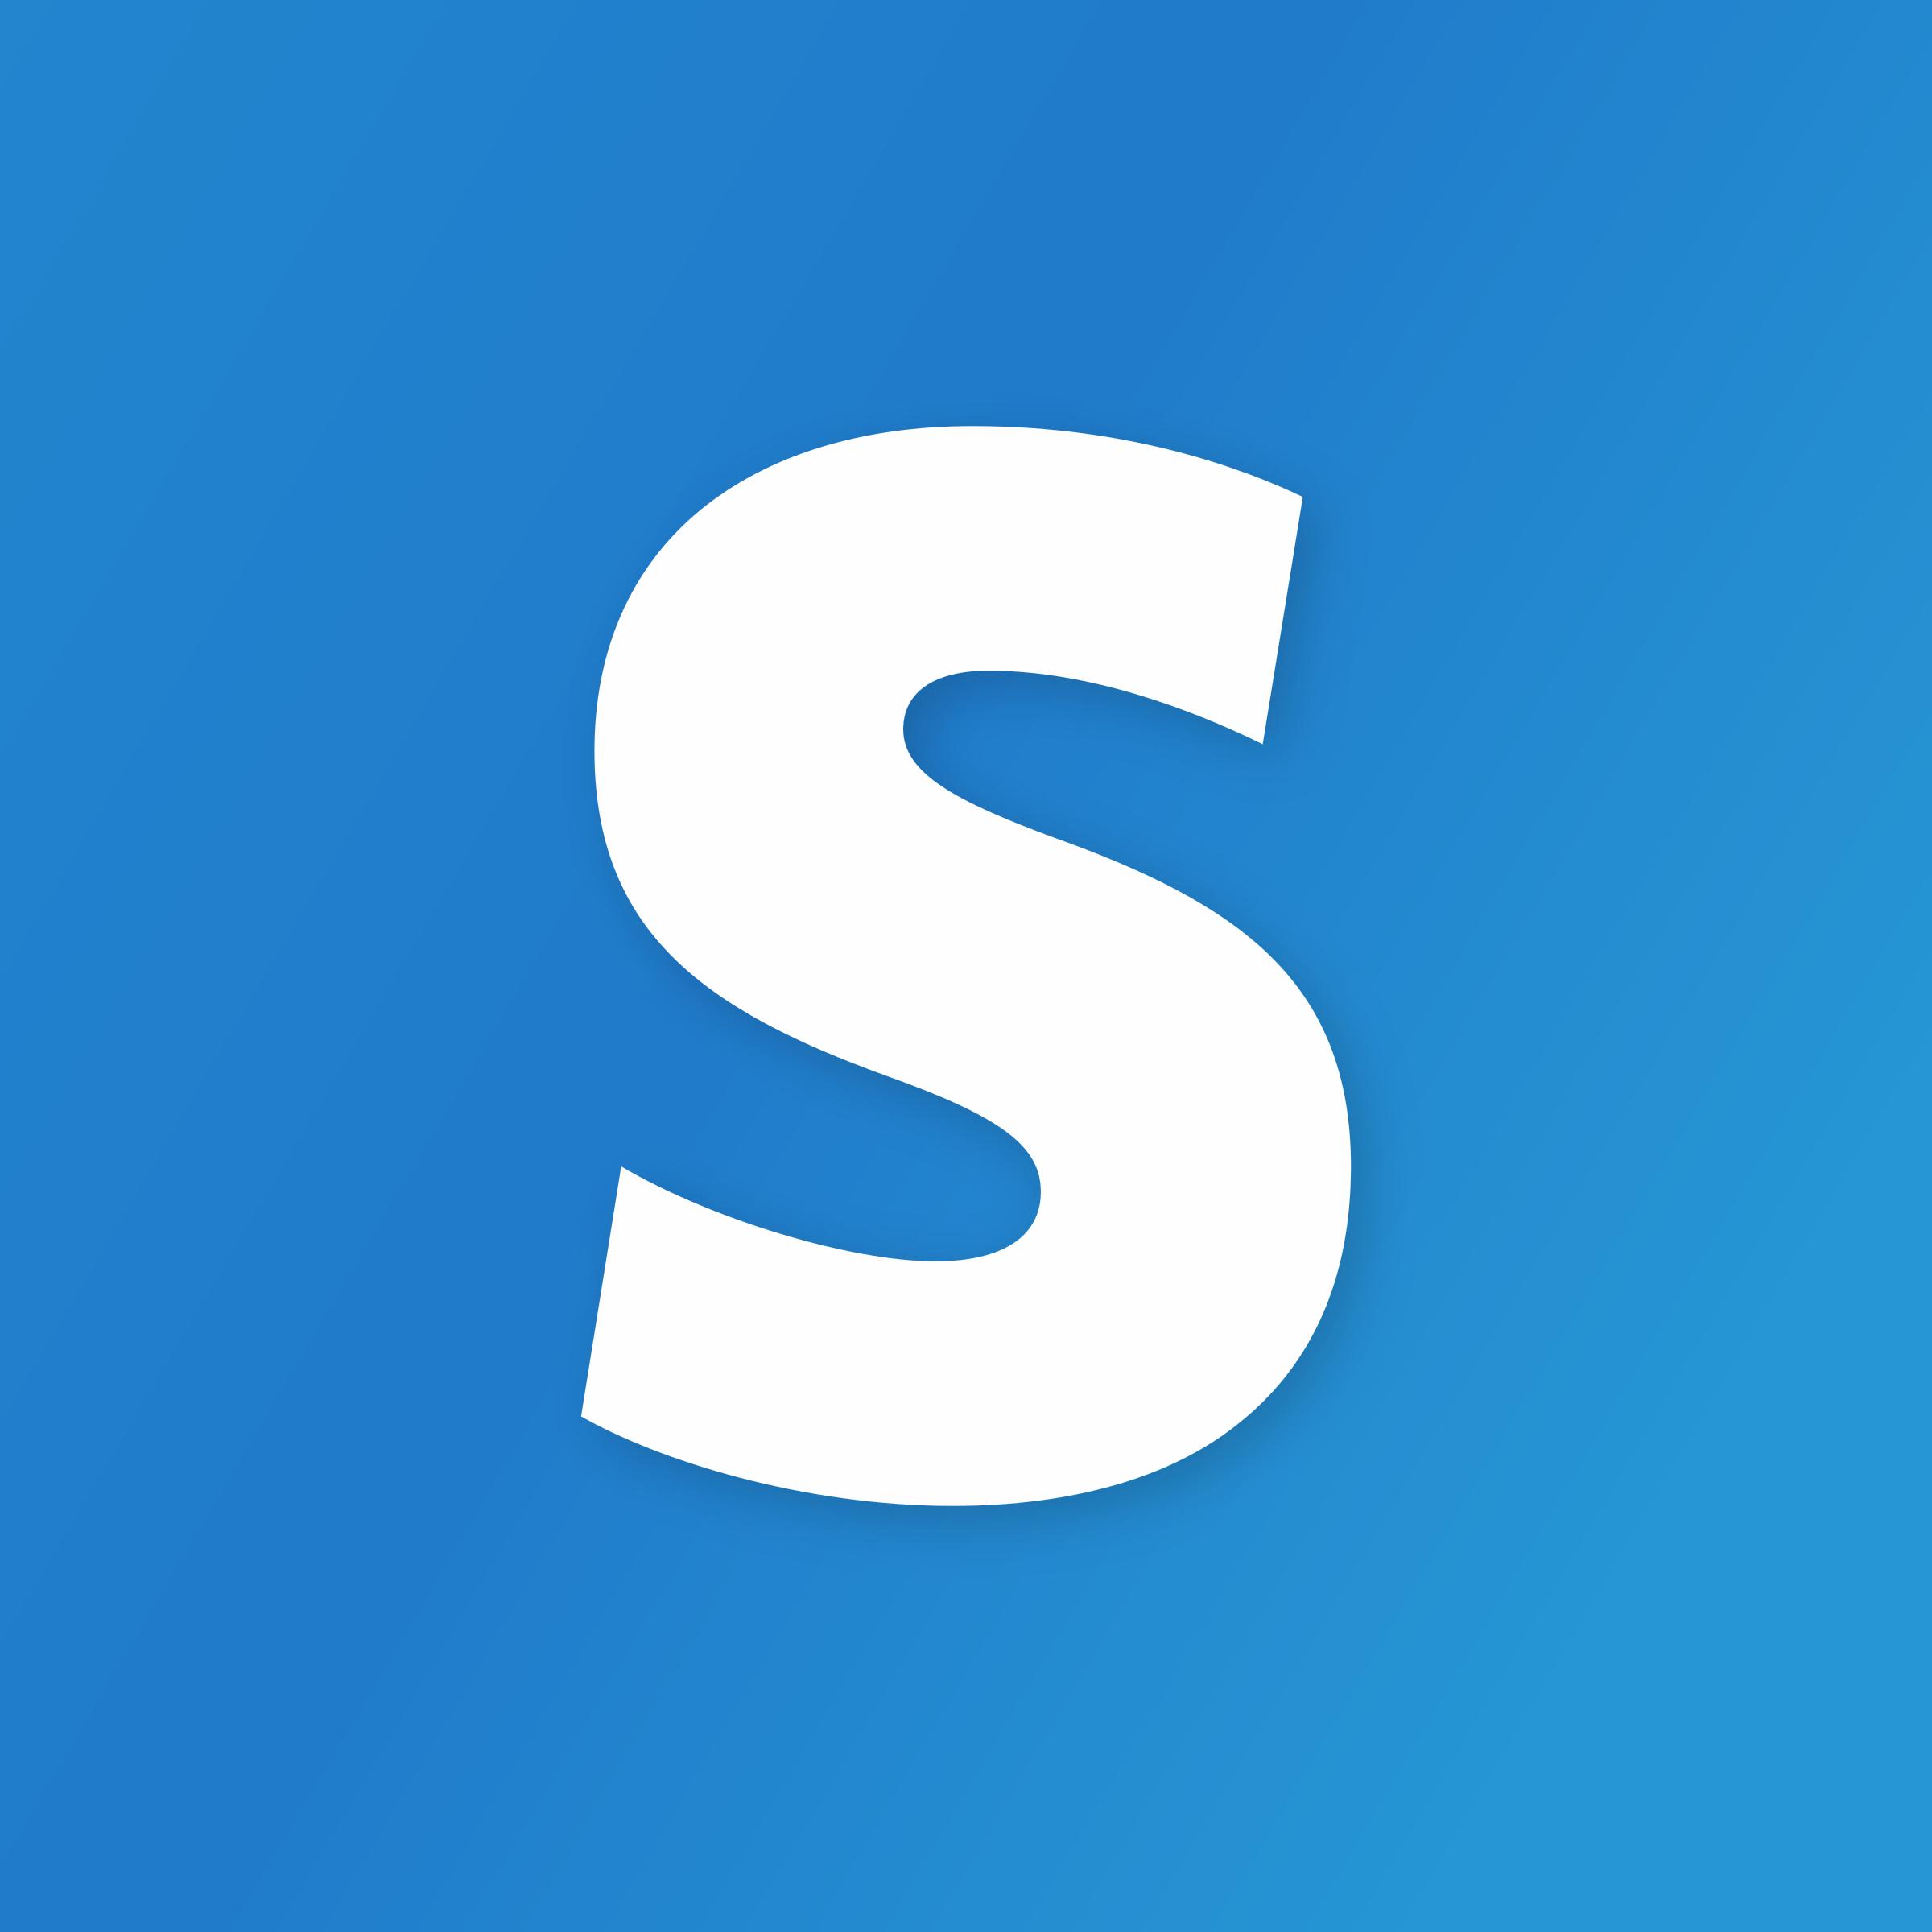 Stripe Logo PNG Transparent & SVG Vector.